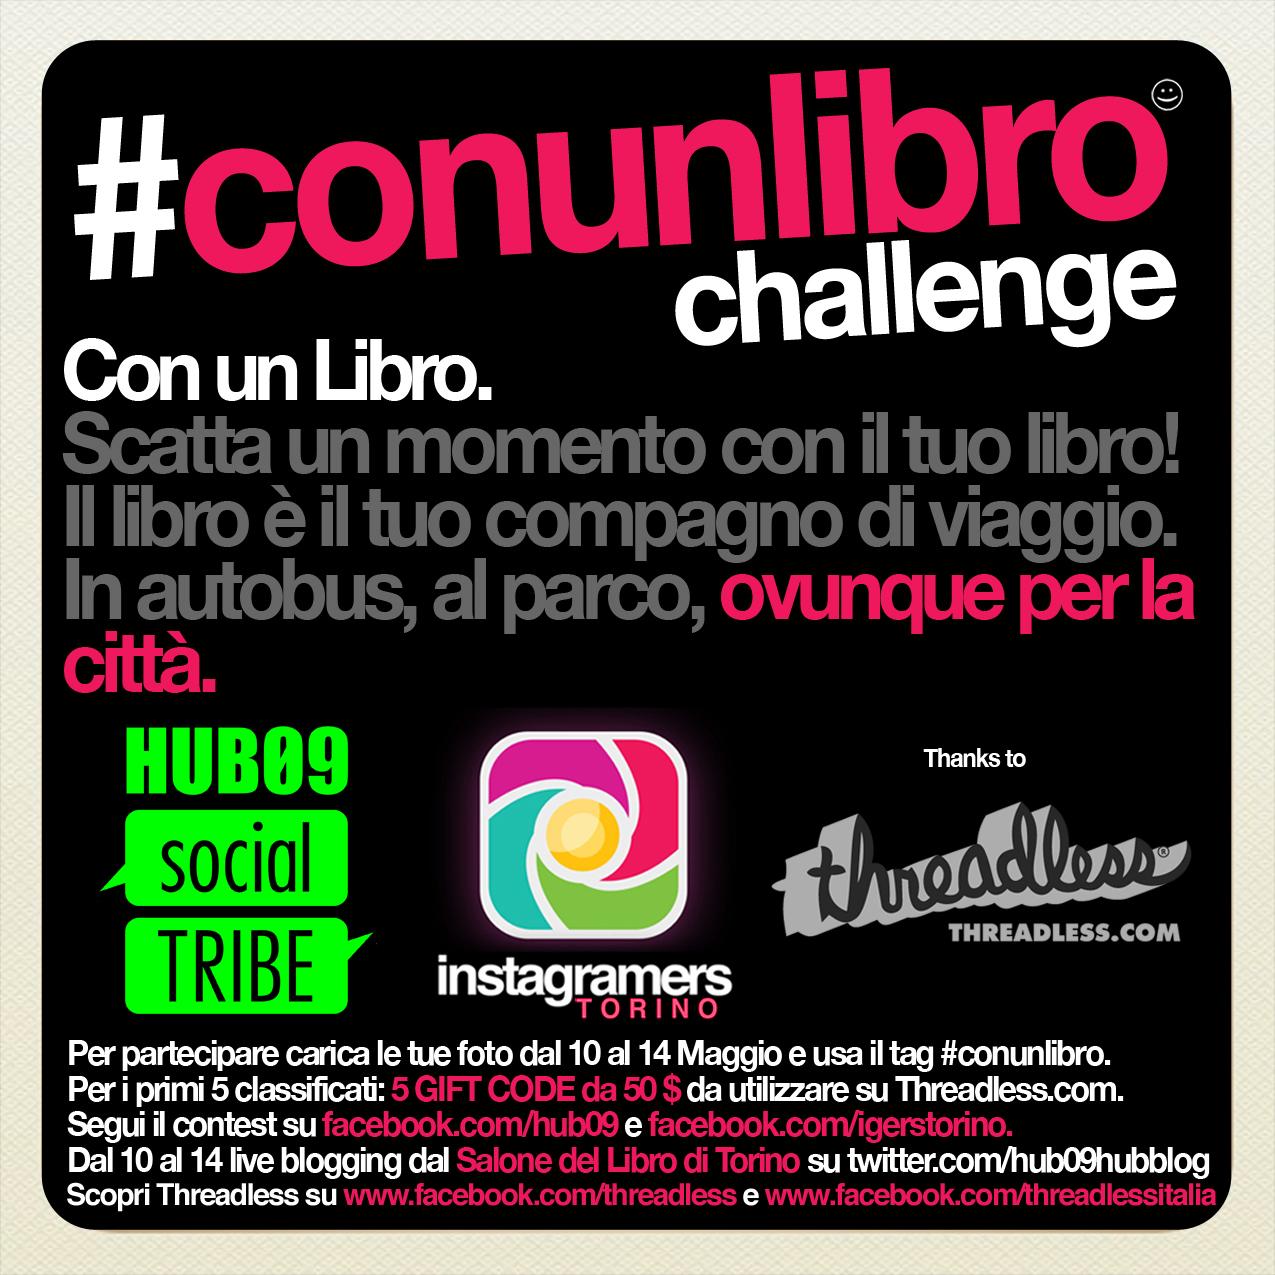 Instagramers Torino + HUB09 + Threadless per il Salone del Libro